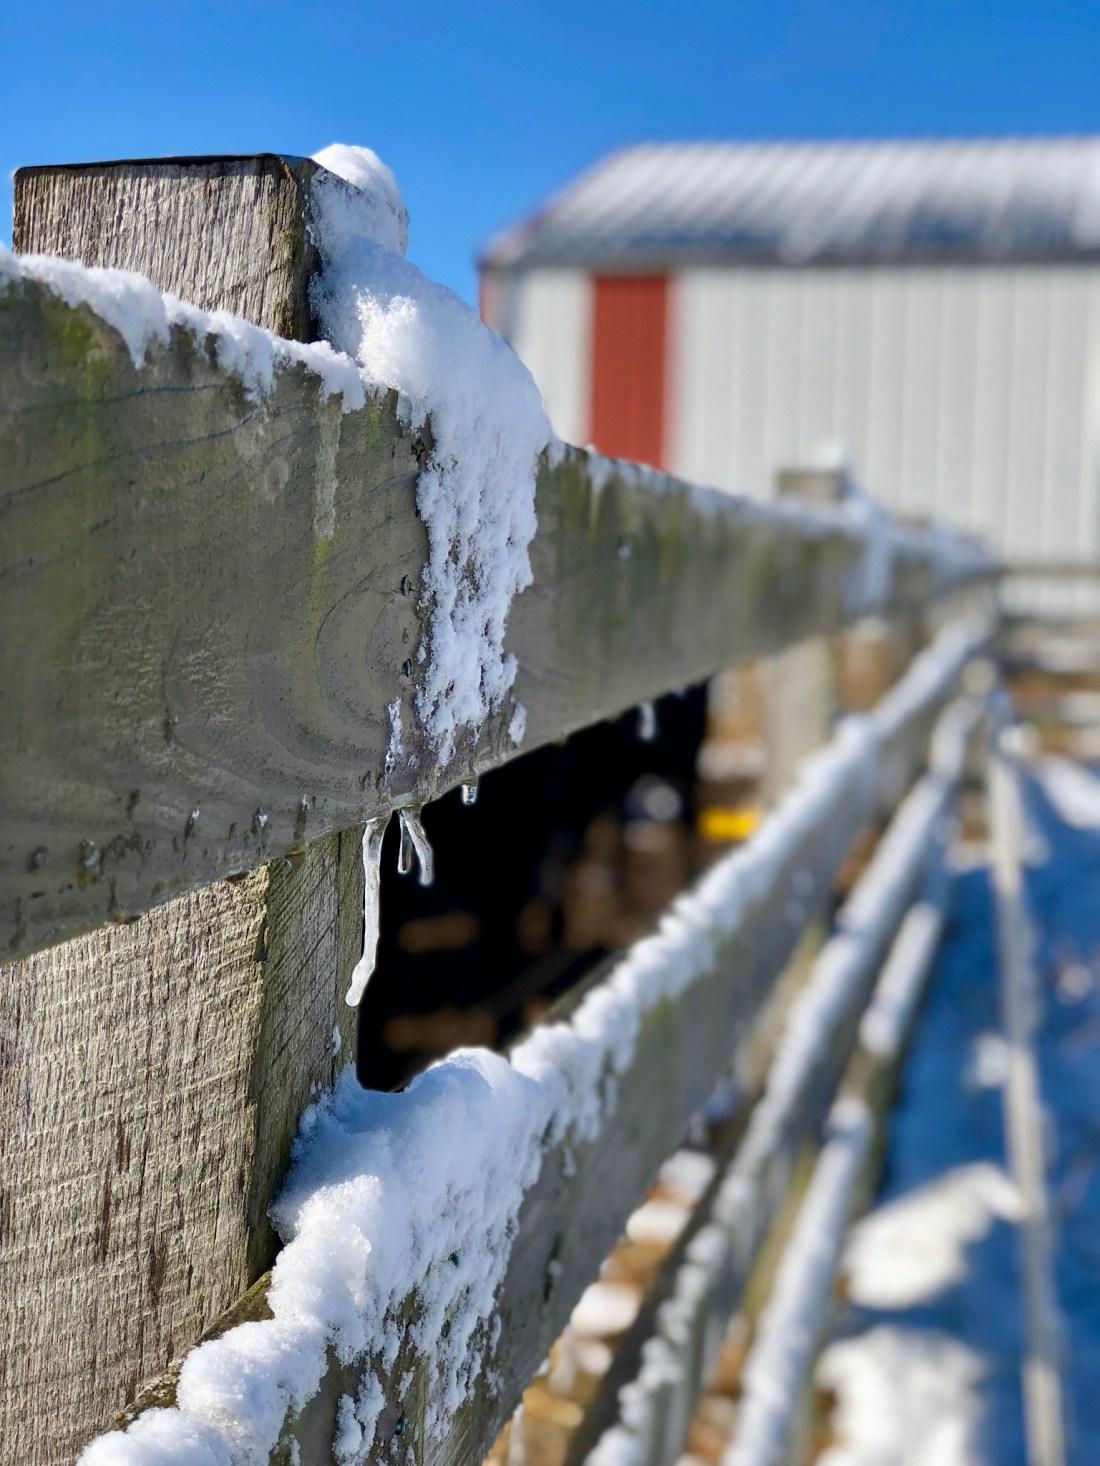 snowy farm fencing